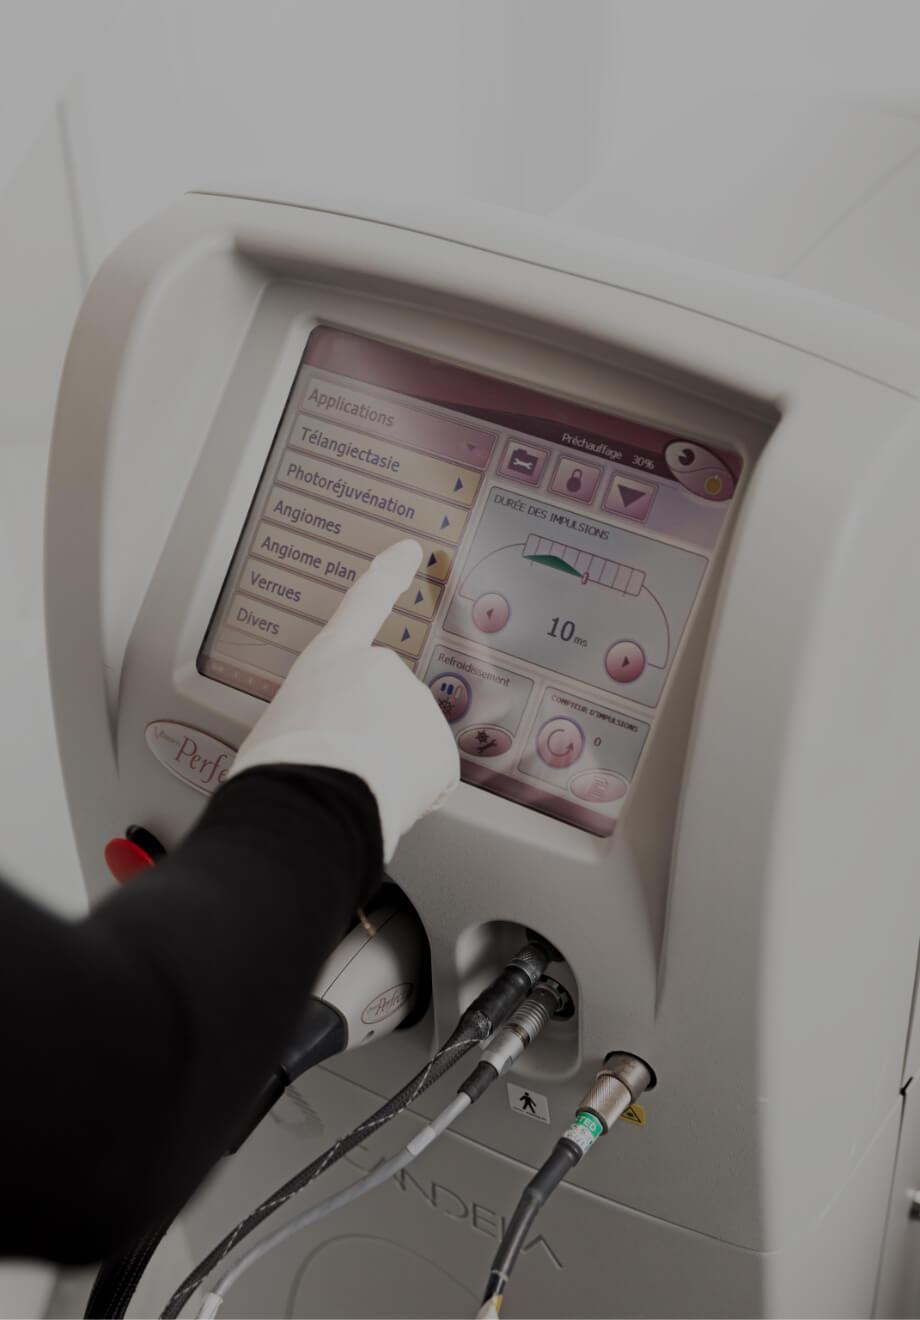 Une technicienne médico-esthétique de la Clinique Chloé ajustant des paramètres sur l'écran du laser Vbeam avec son doigt